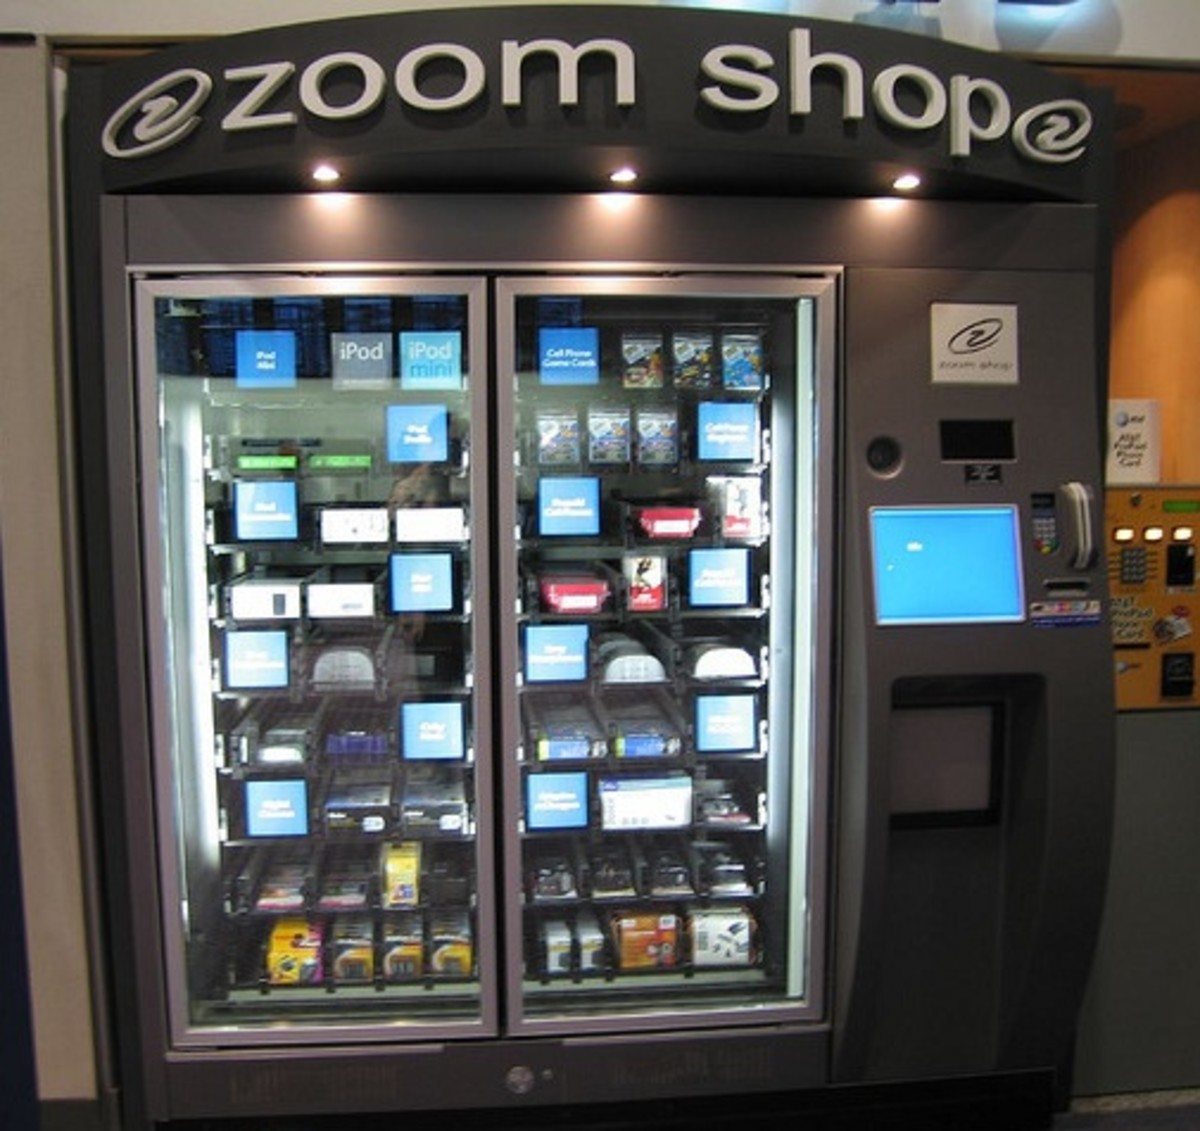 pod vending machine